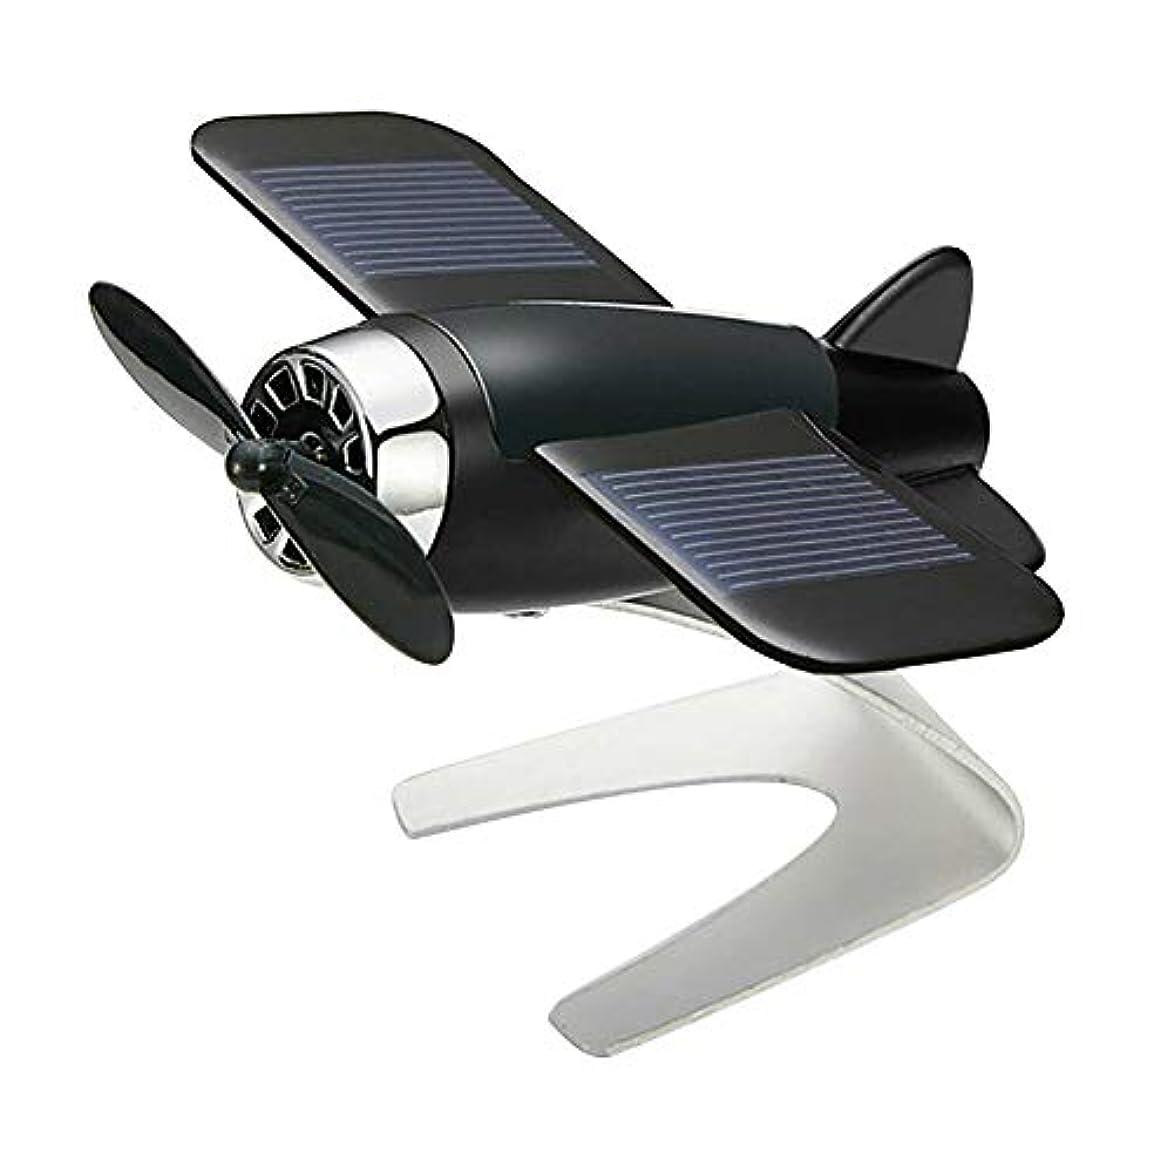 検索エンジン最適化大聖堂販売計画Symboat 車の芳香剤飛行機航空機モデル太陽エネルギーアロマテラピー室内装飾